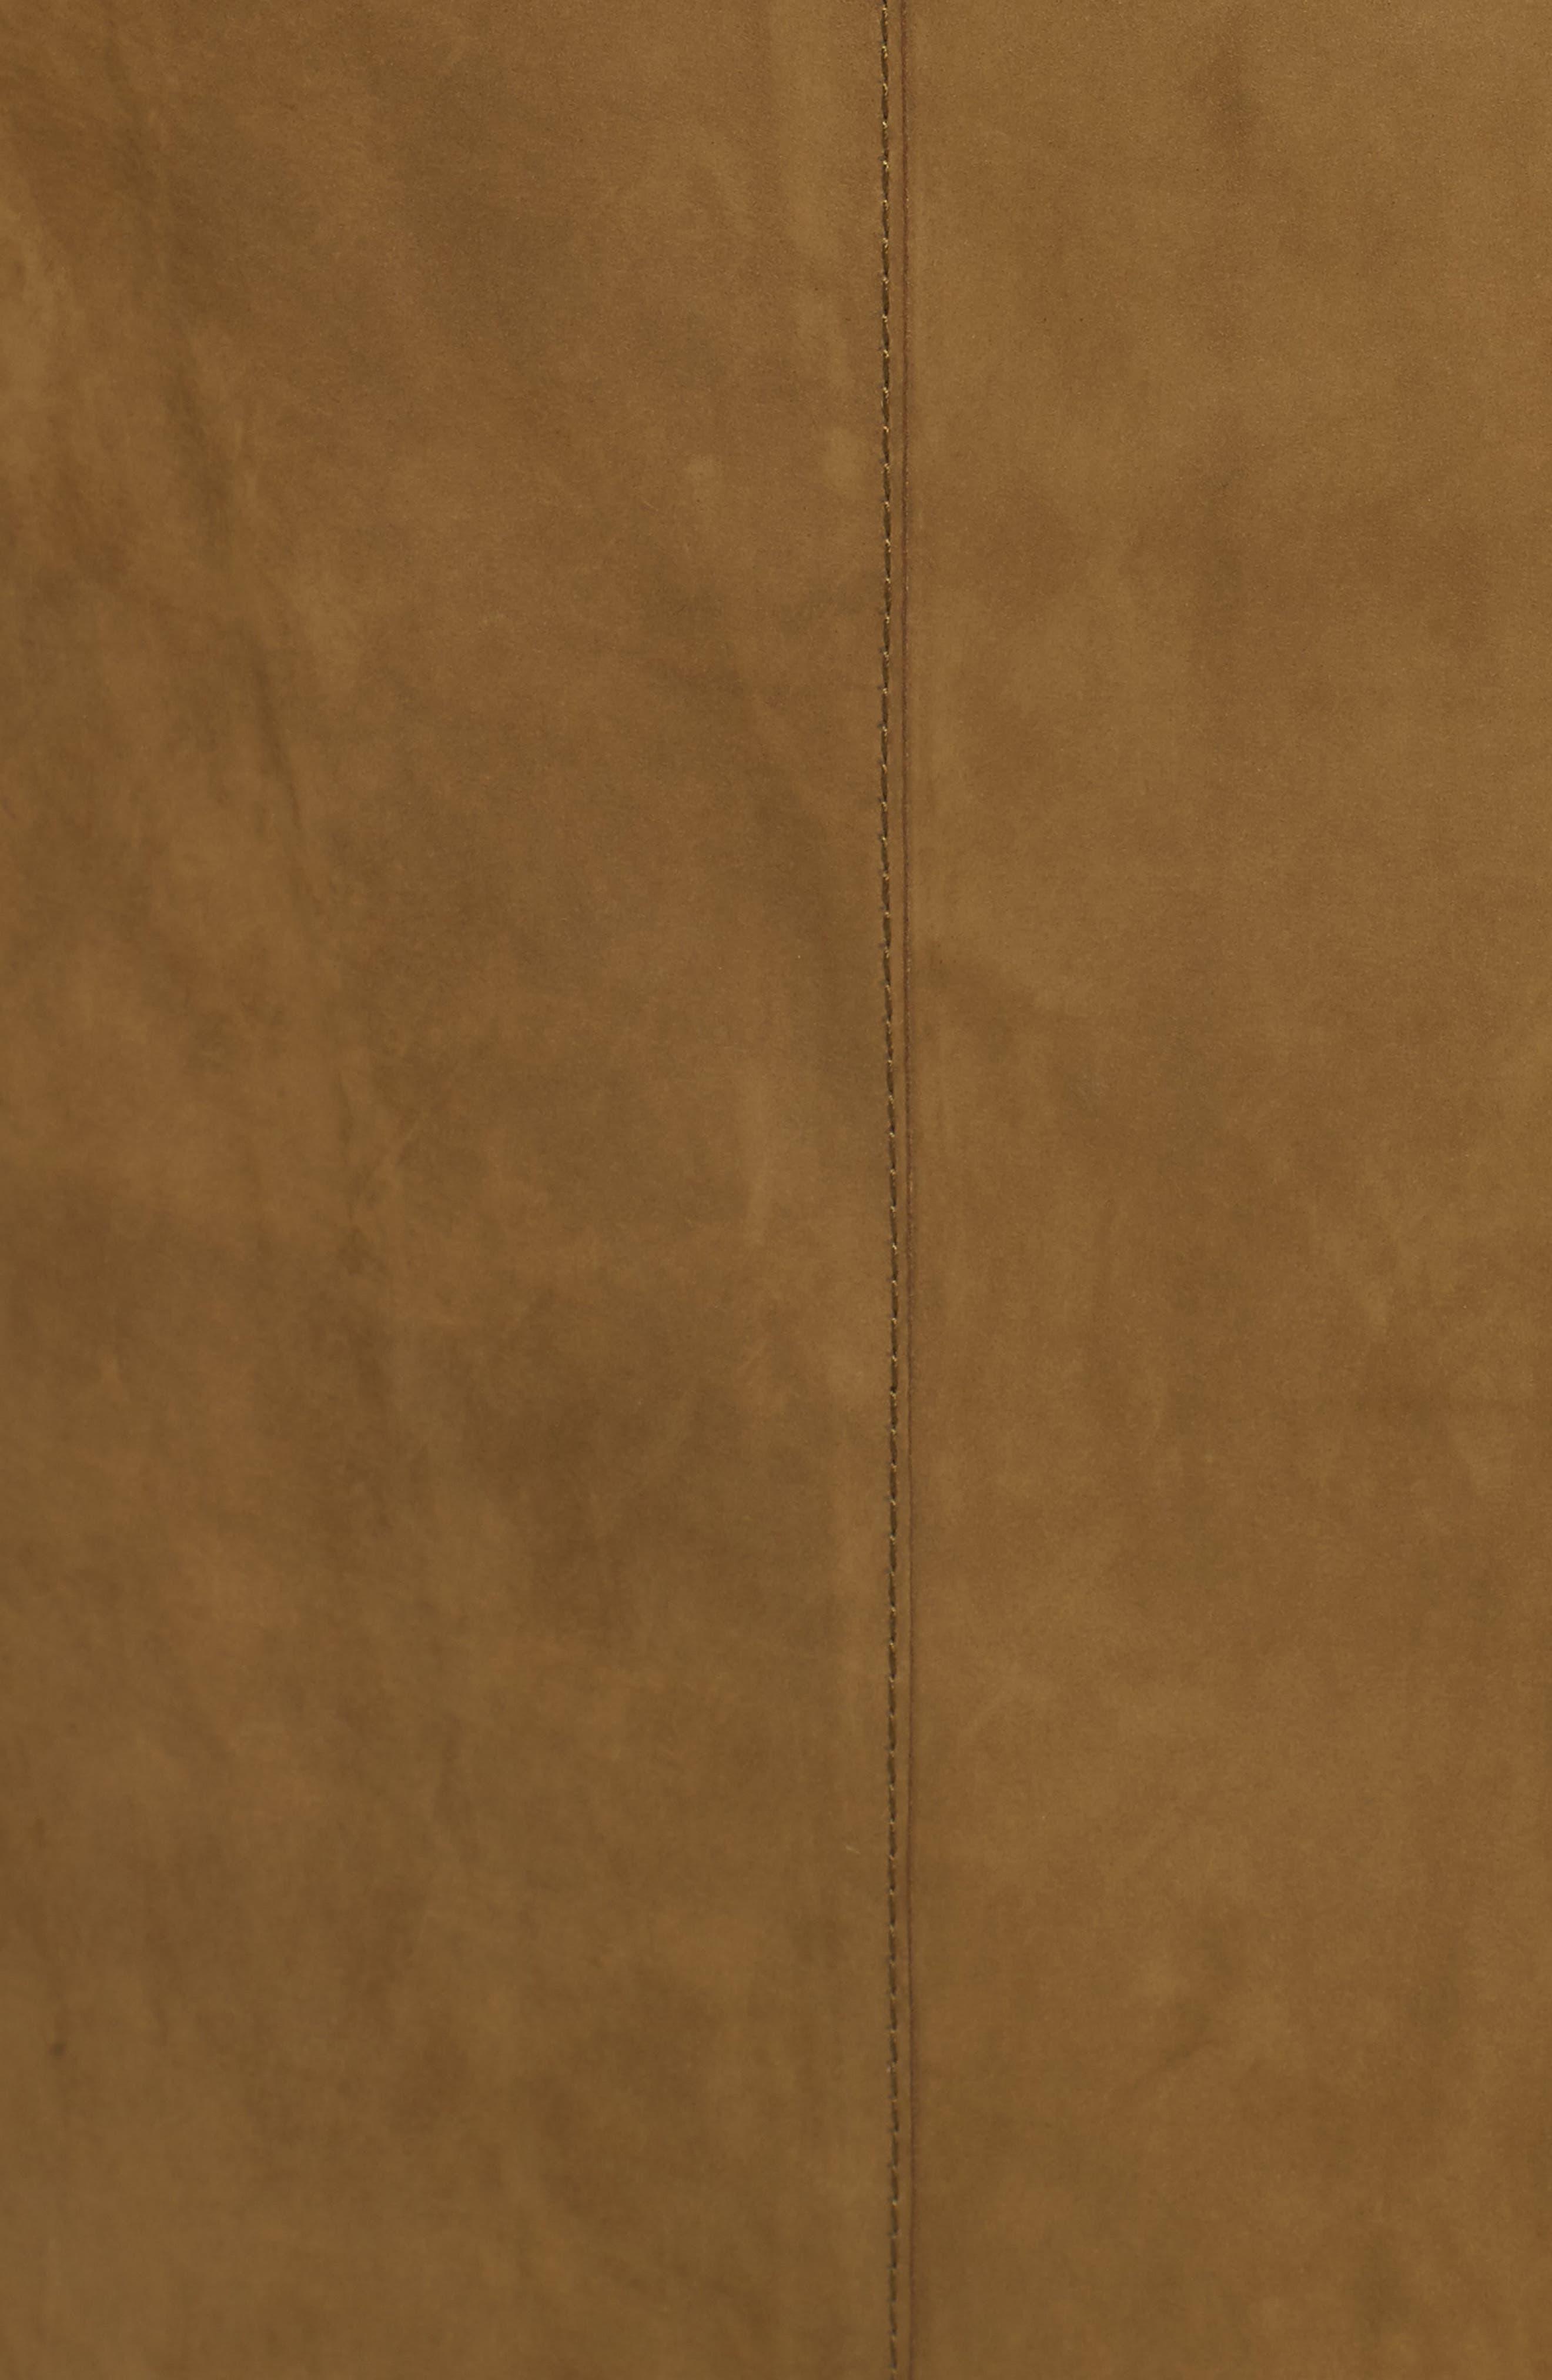 Orla Leather Skirt,                             Alternate thumbnail 3, color,                             Kelp